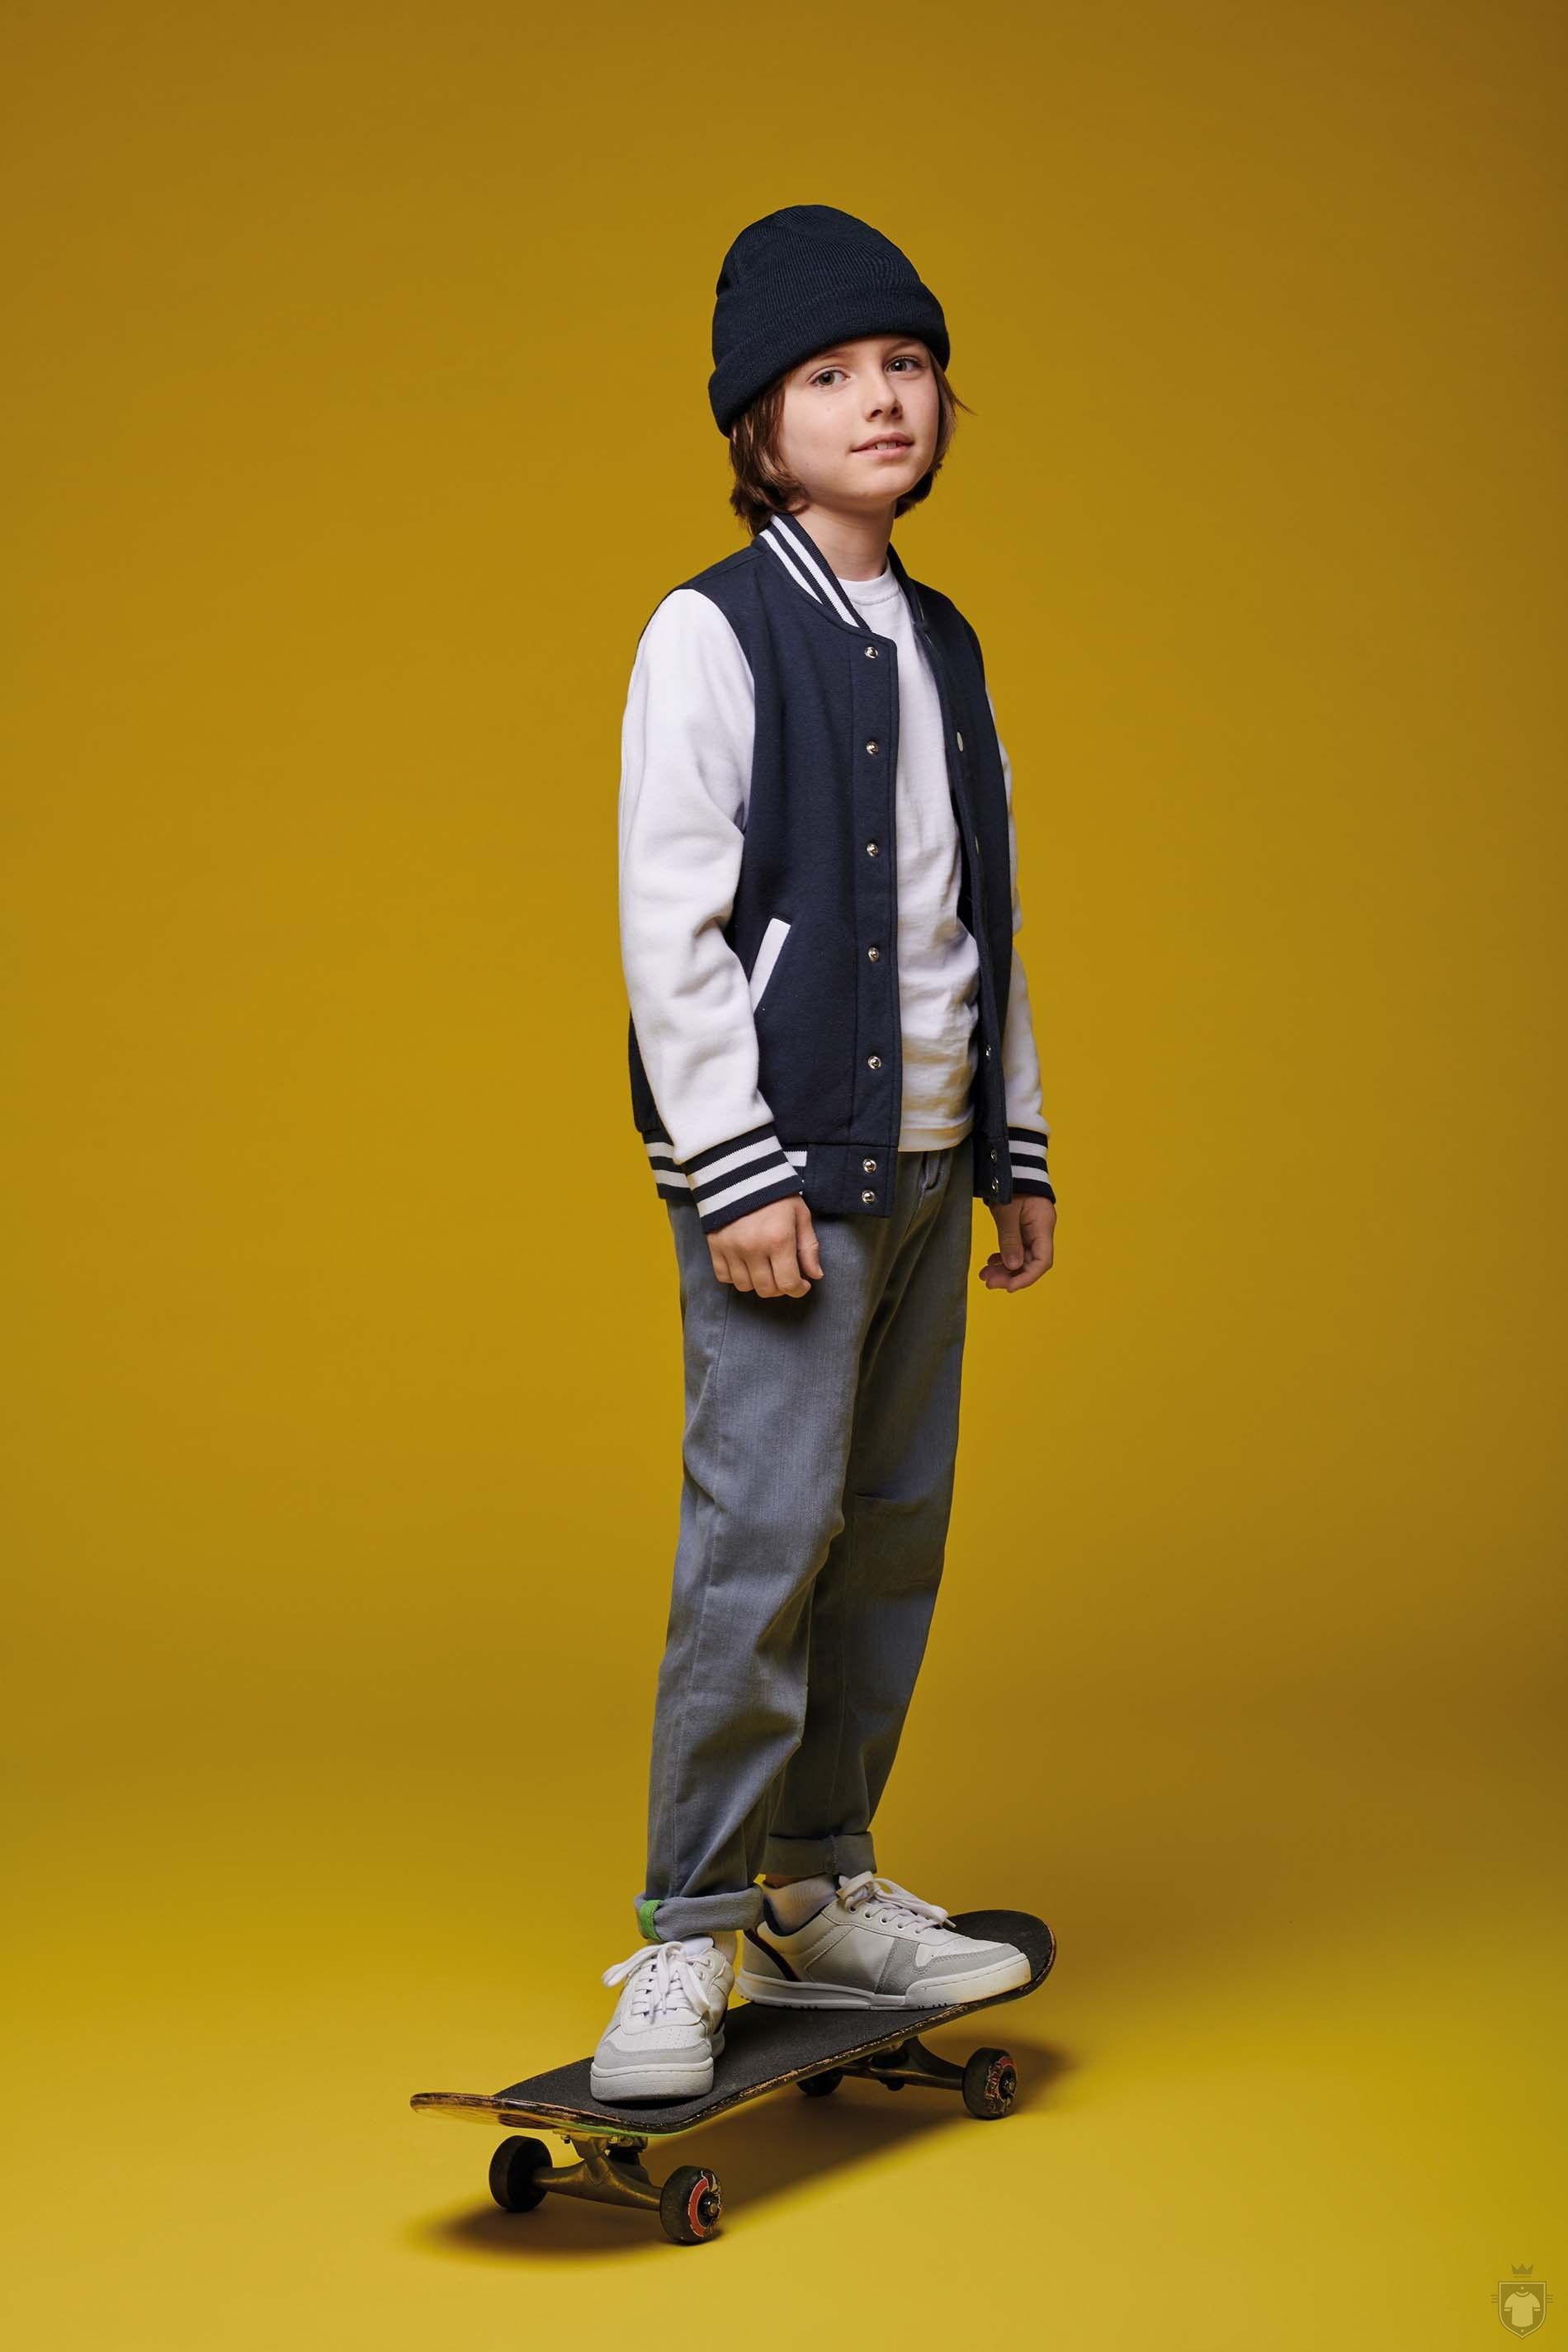 Fotos de Kariban Teddy criança